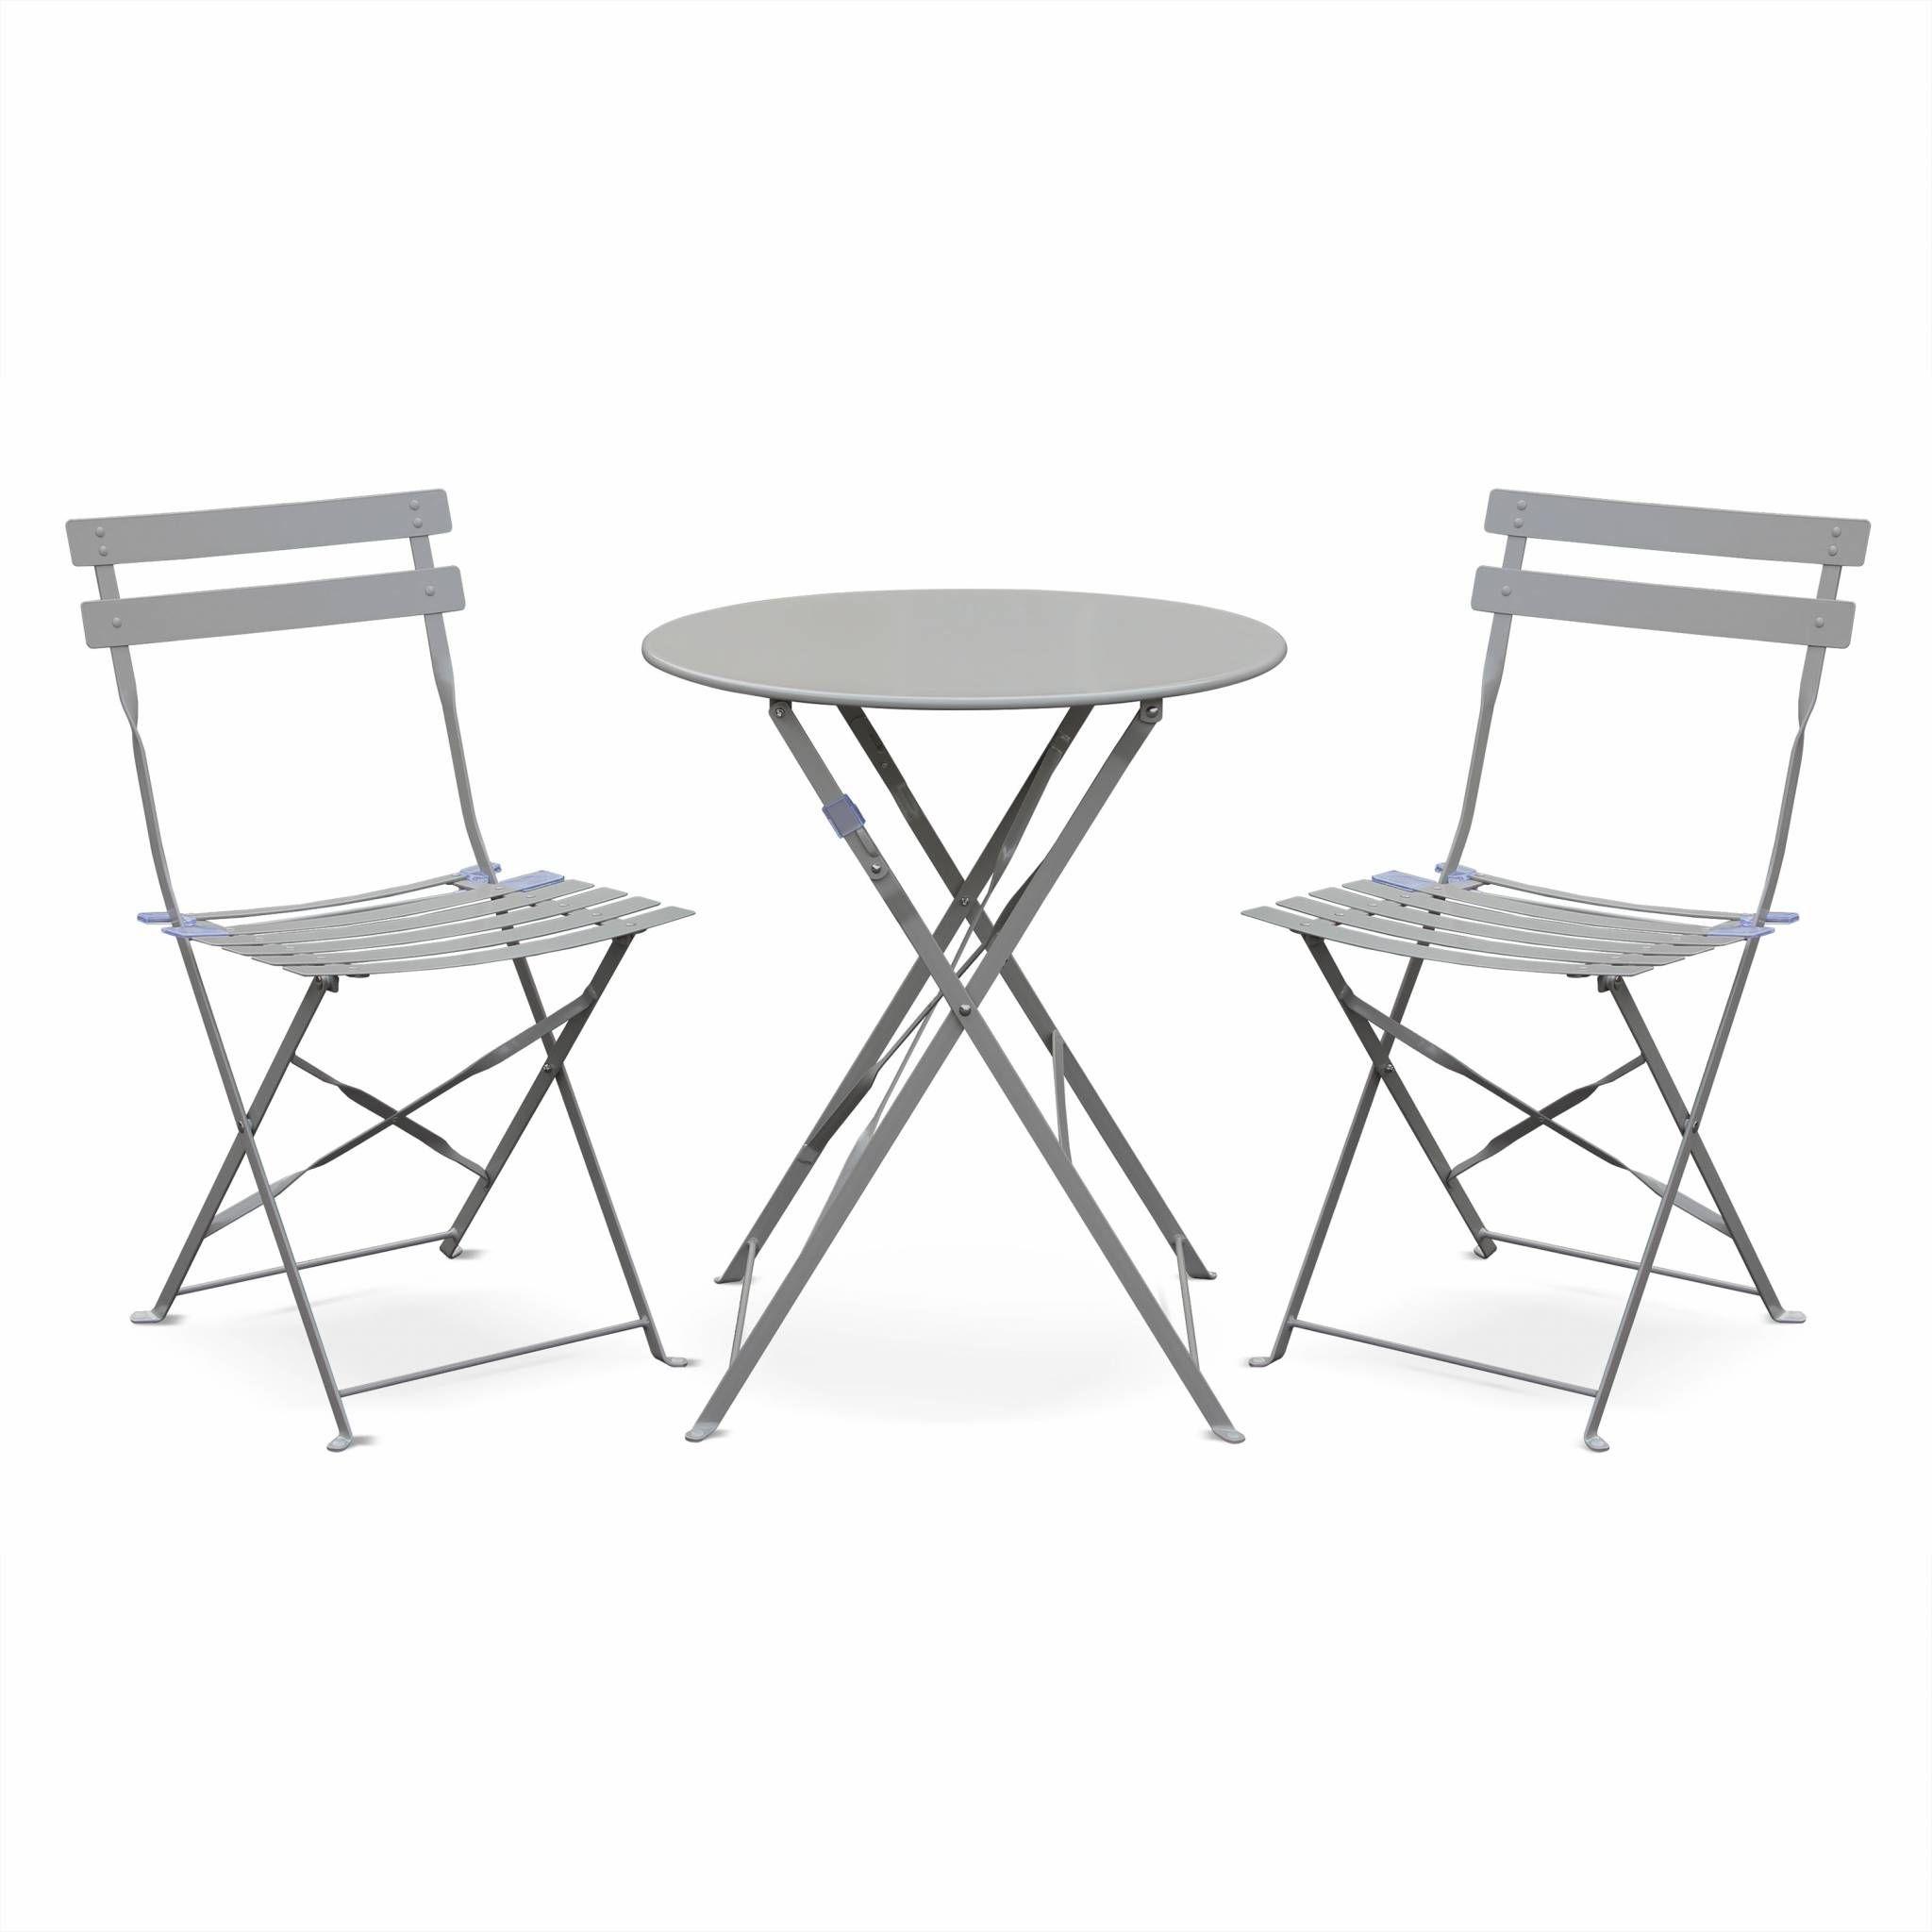 Table De Jardin Ronde Metal - Achat / Vente Table De Jardin Ronde